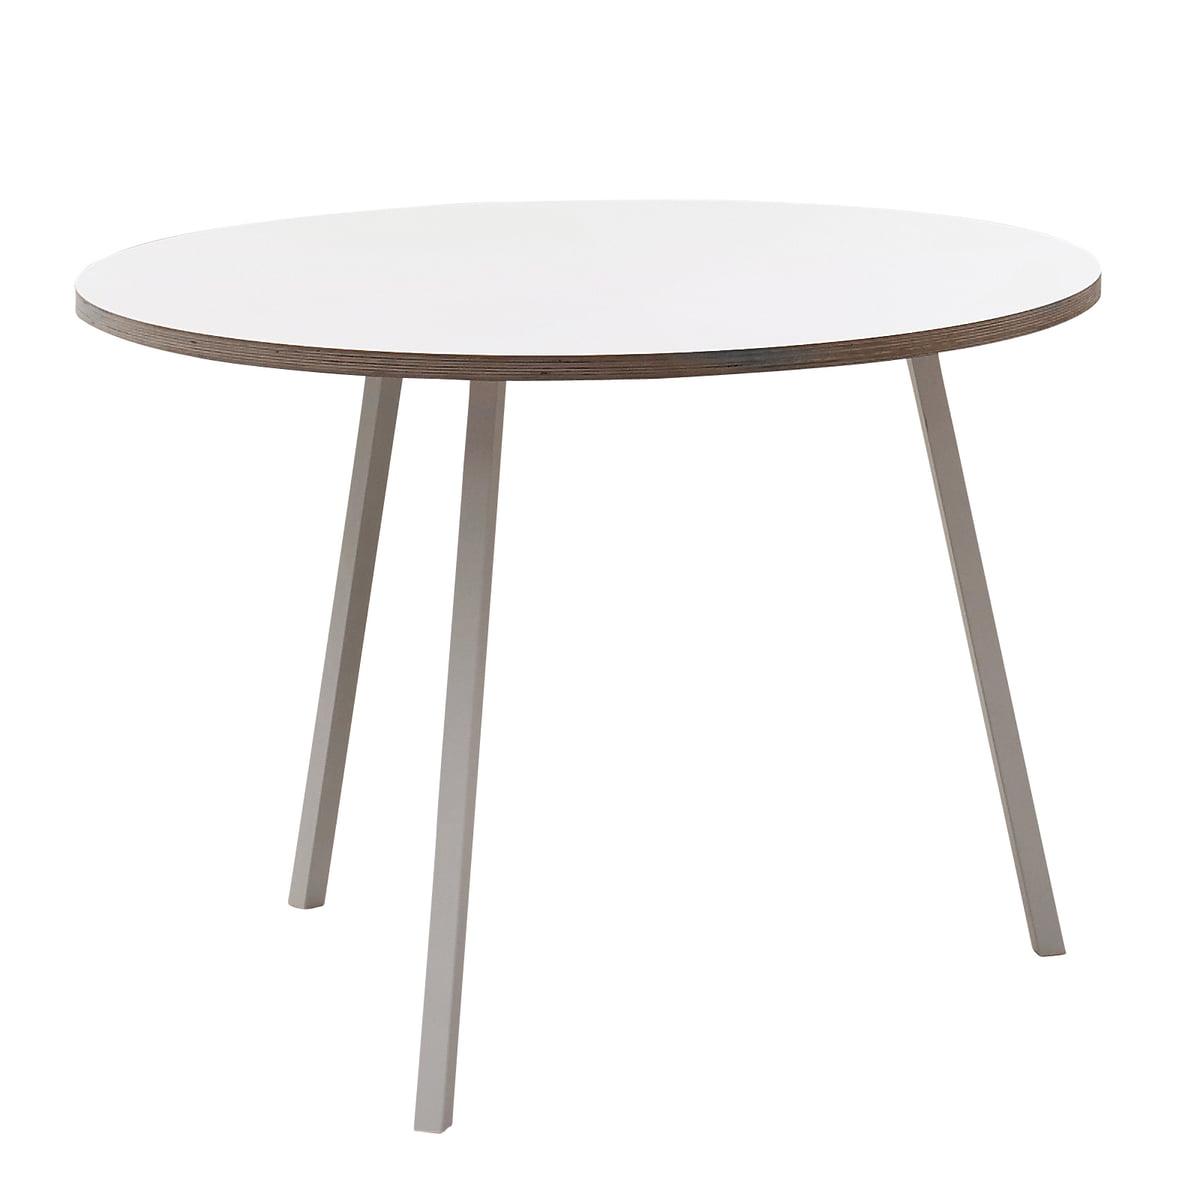 Tisch designklassiker rund  Loop Stand Tisch rund von Hay im Shop